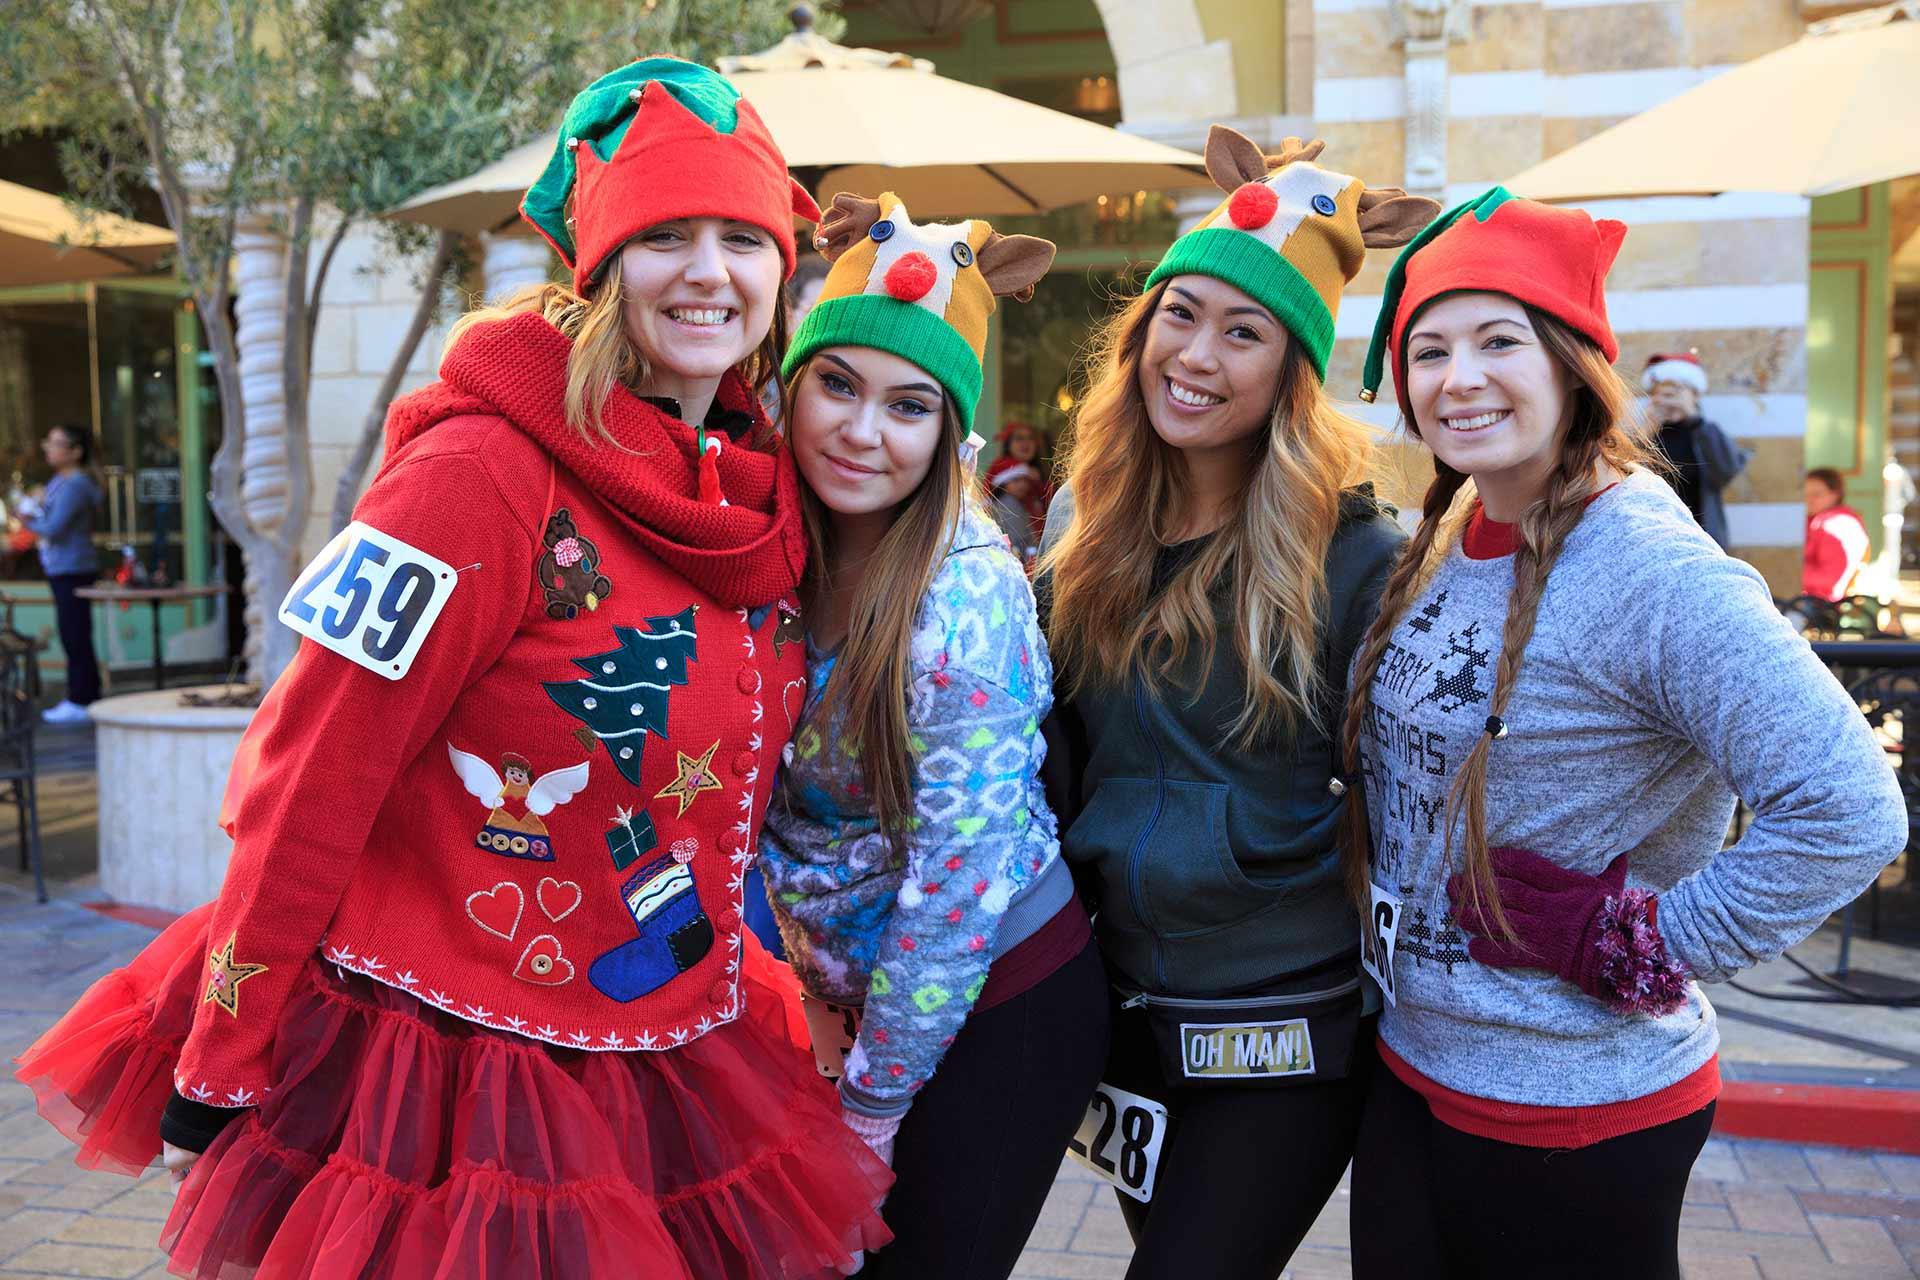 Las Vegas Run Marathon Photography At Tivoli Village